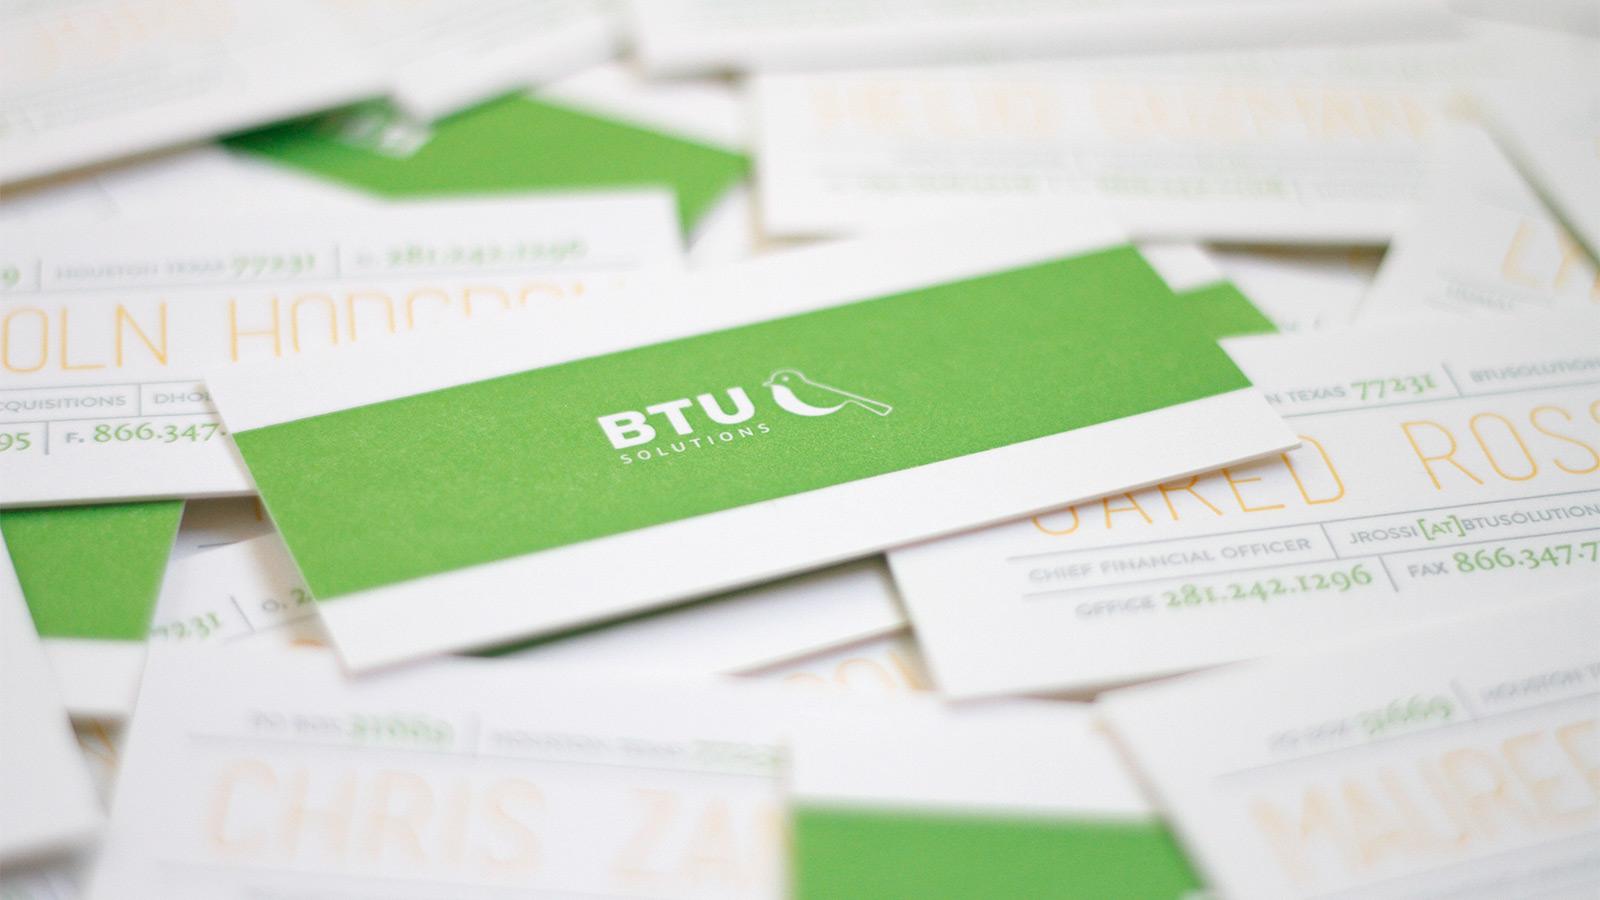 BTU_cardBacks.jpg